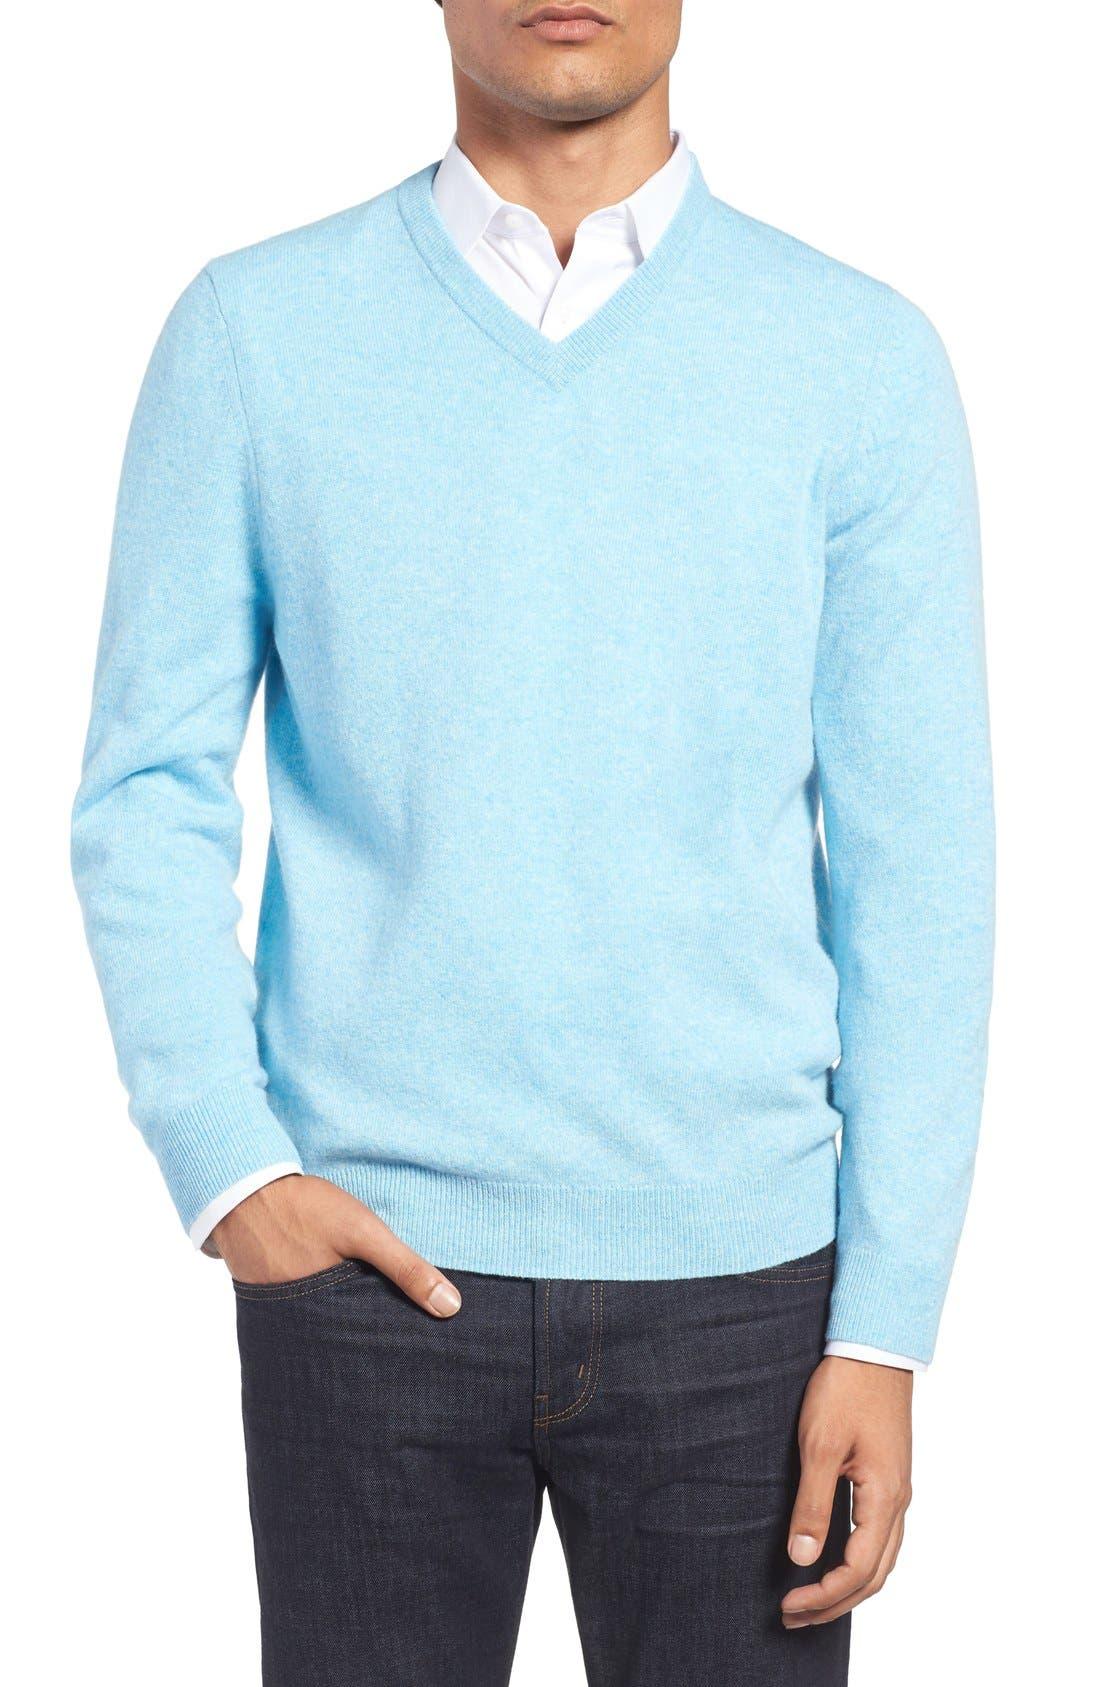 Alternate Image 1 Selected - Nordstrom Men's Shop Cashmere V-Neck Sweater (Regular & Tall)